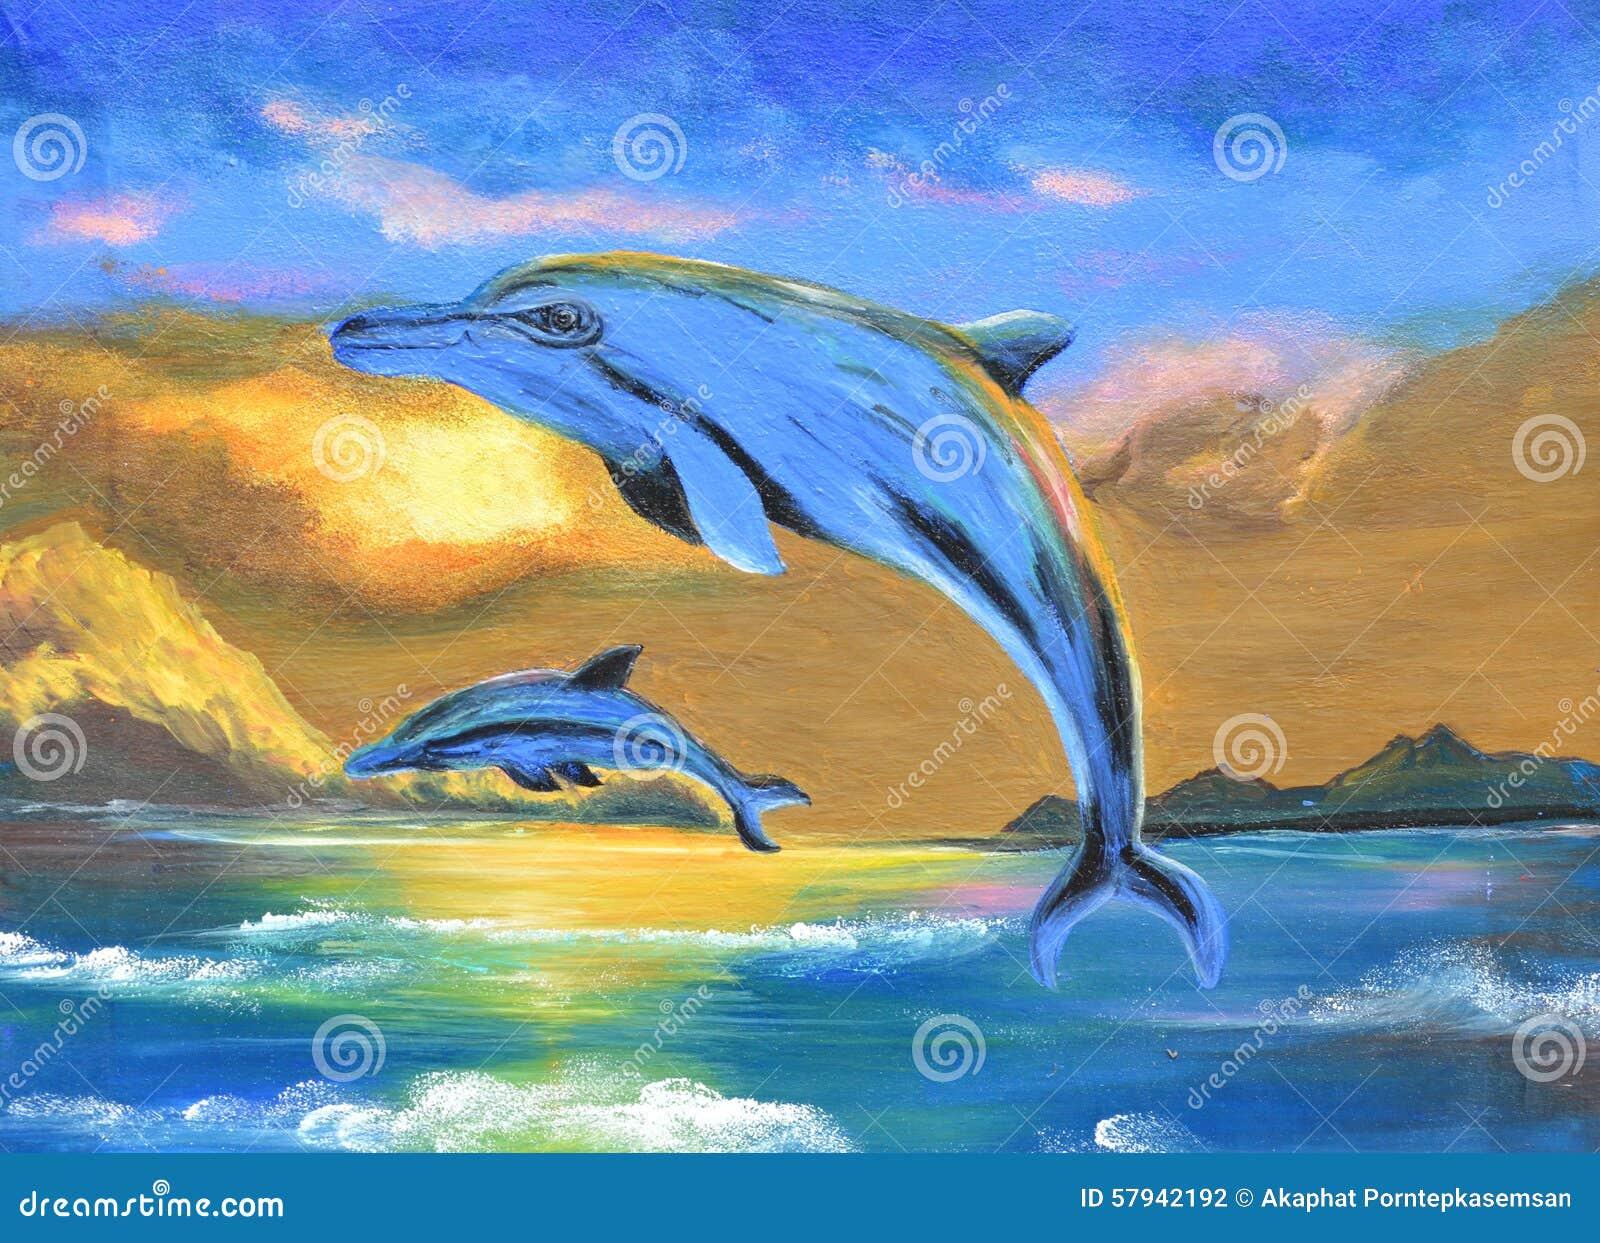 Delphin im Seeölgemälde auf Segeltuch